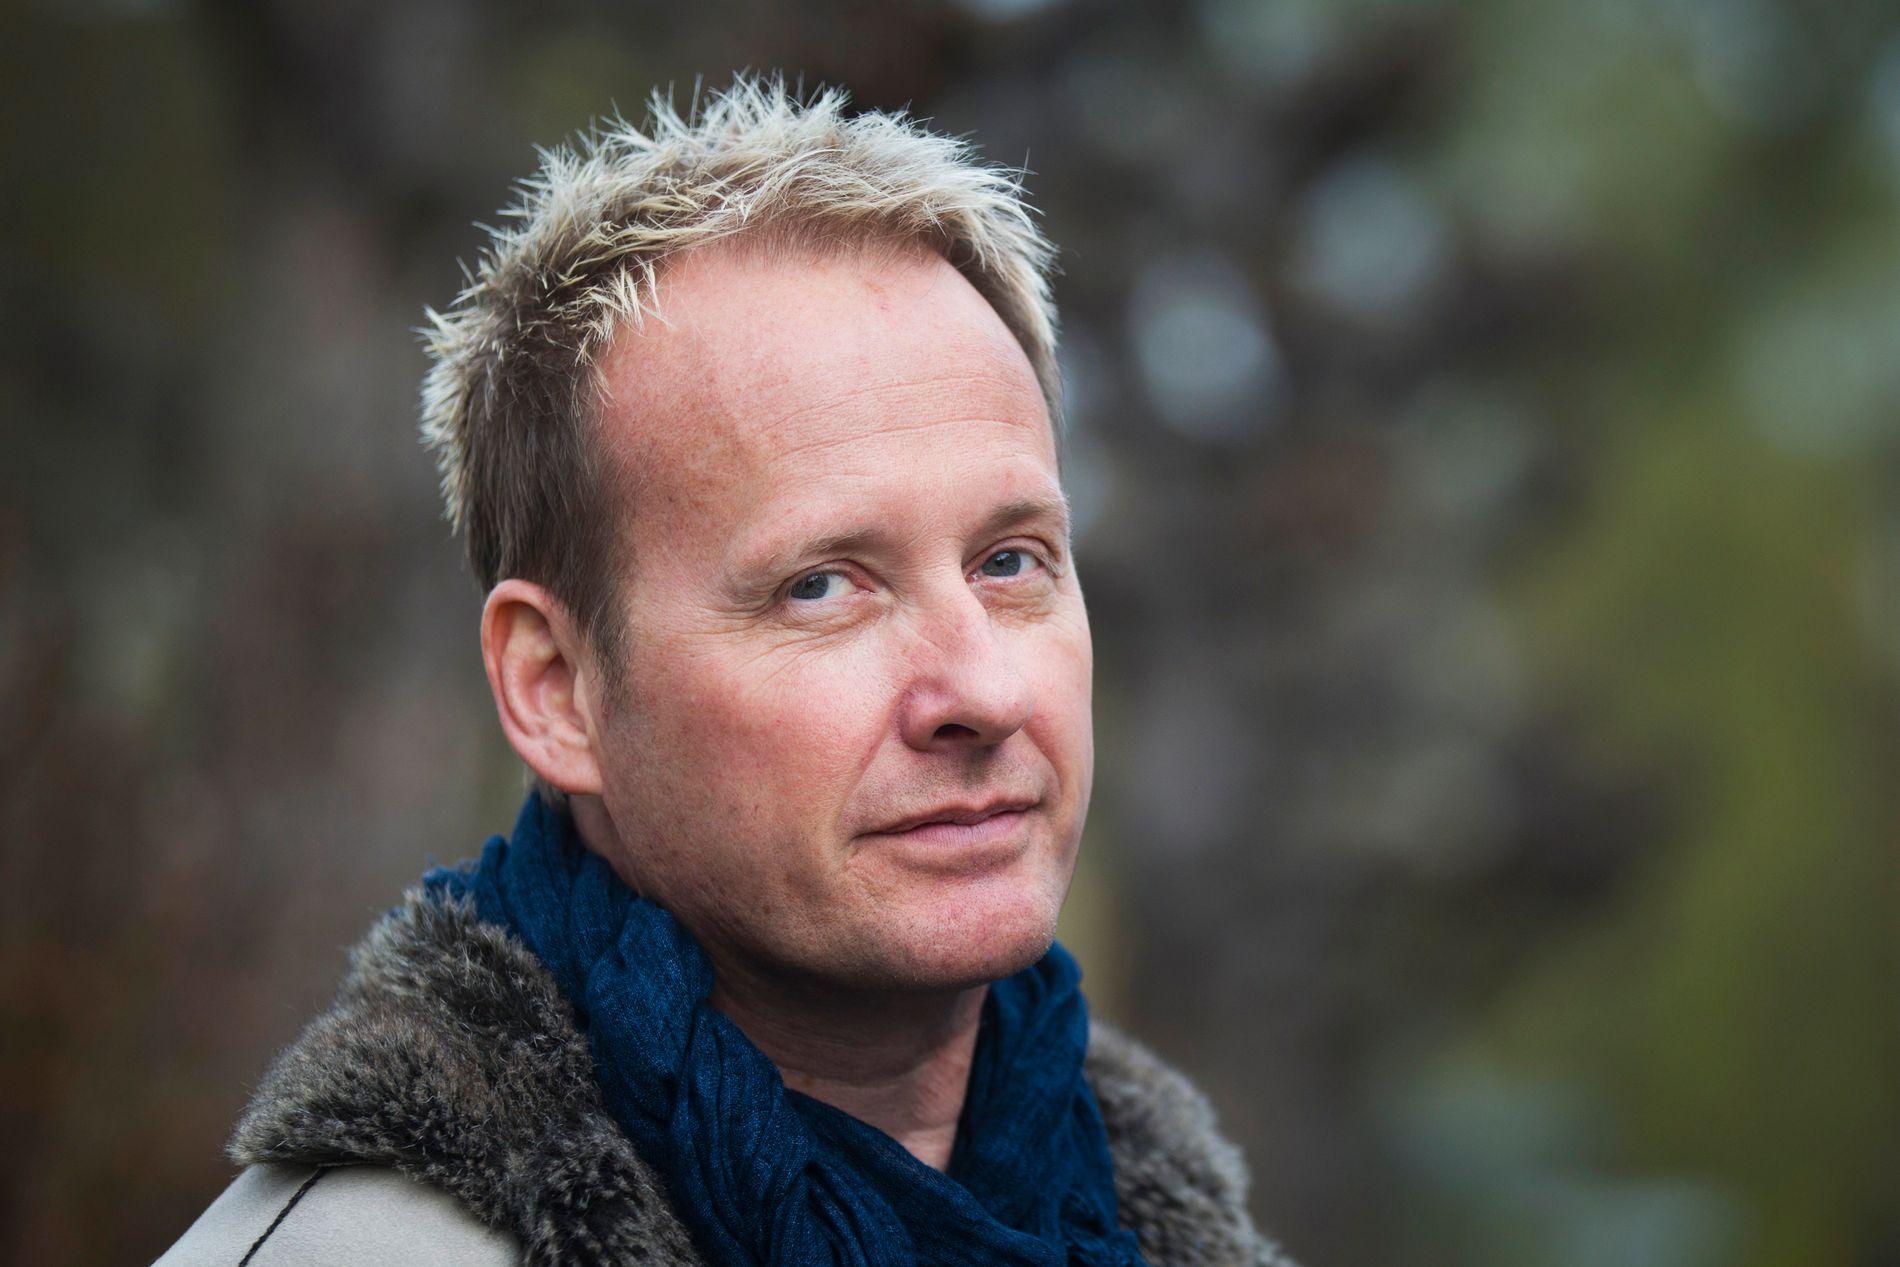 PÅ BEDRINGENS VEI: Sigvart Dagsland håper å være tilbake på scenen i juni.